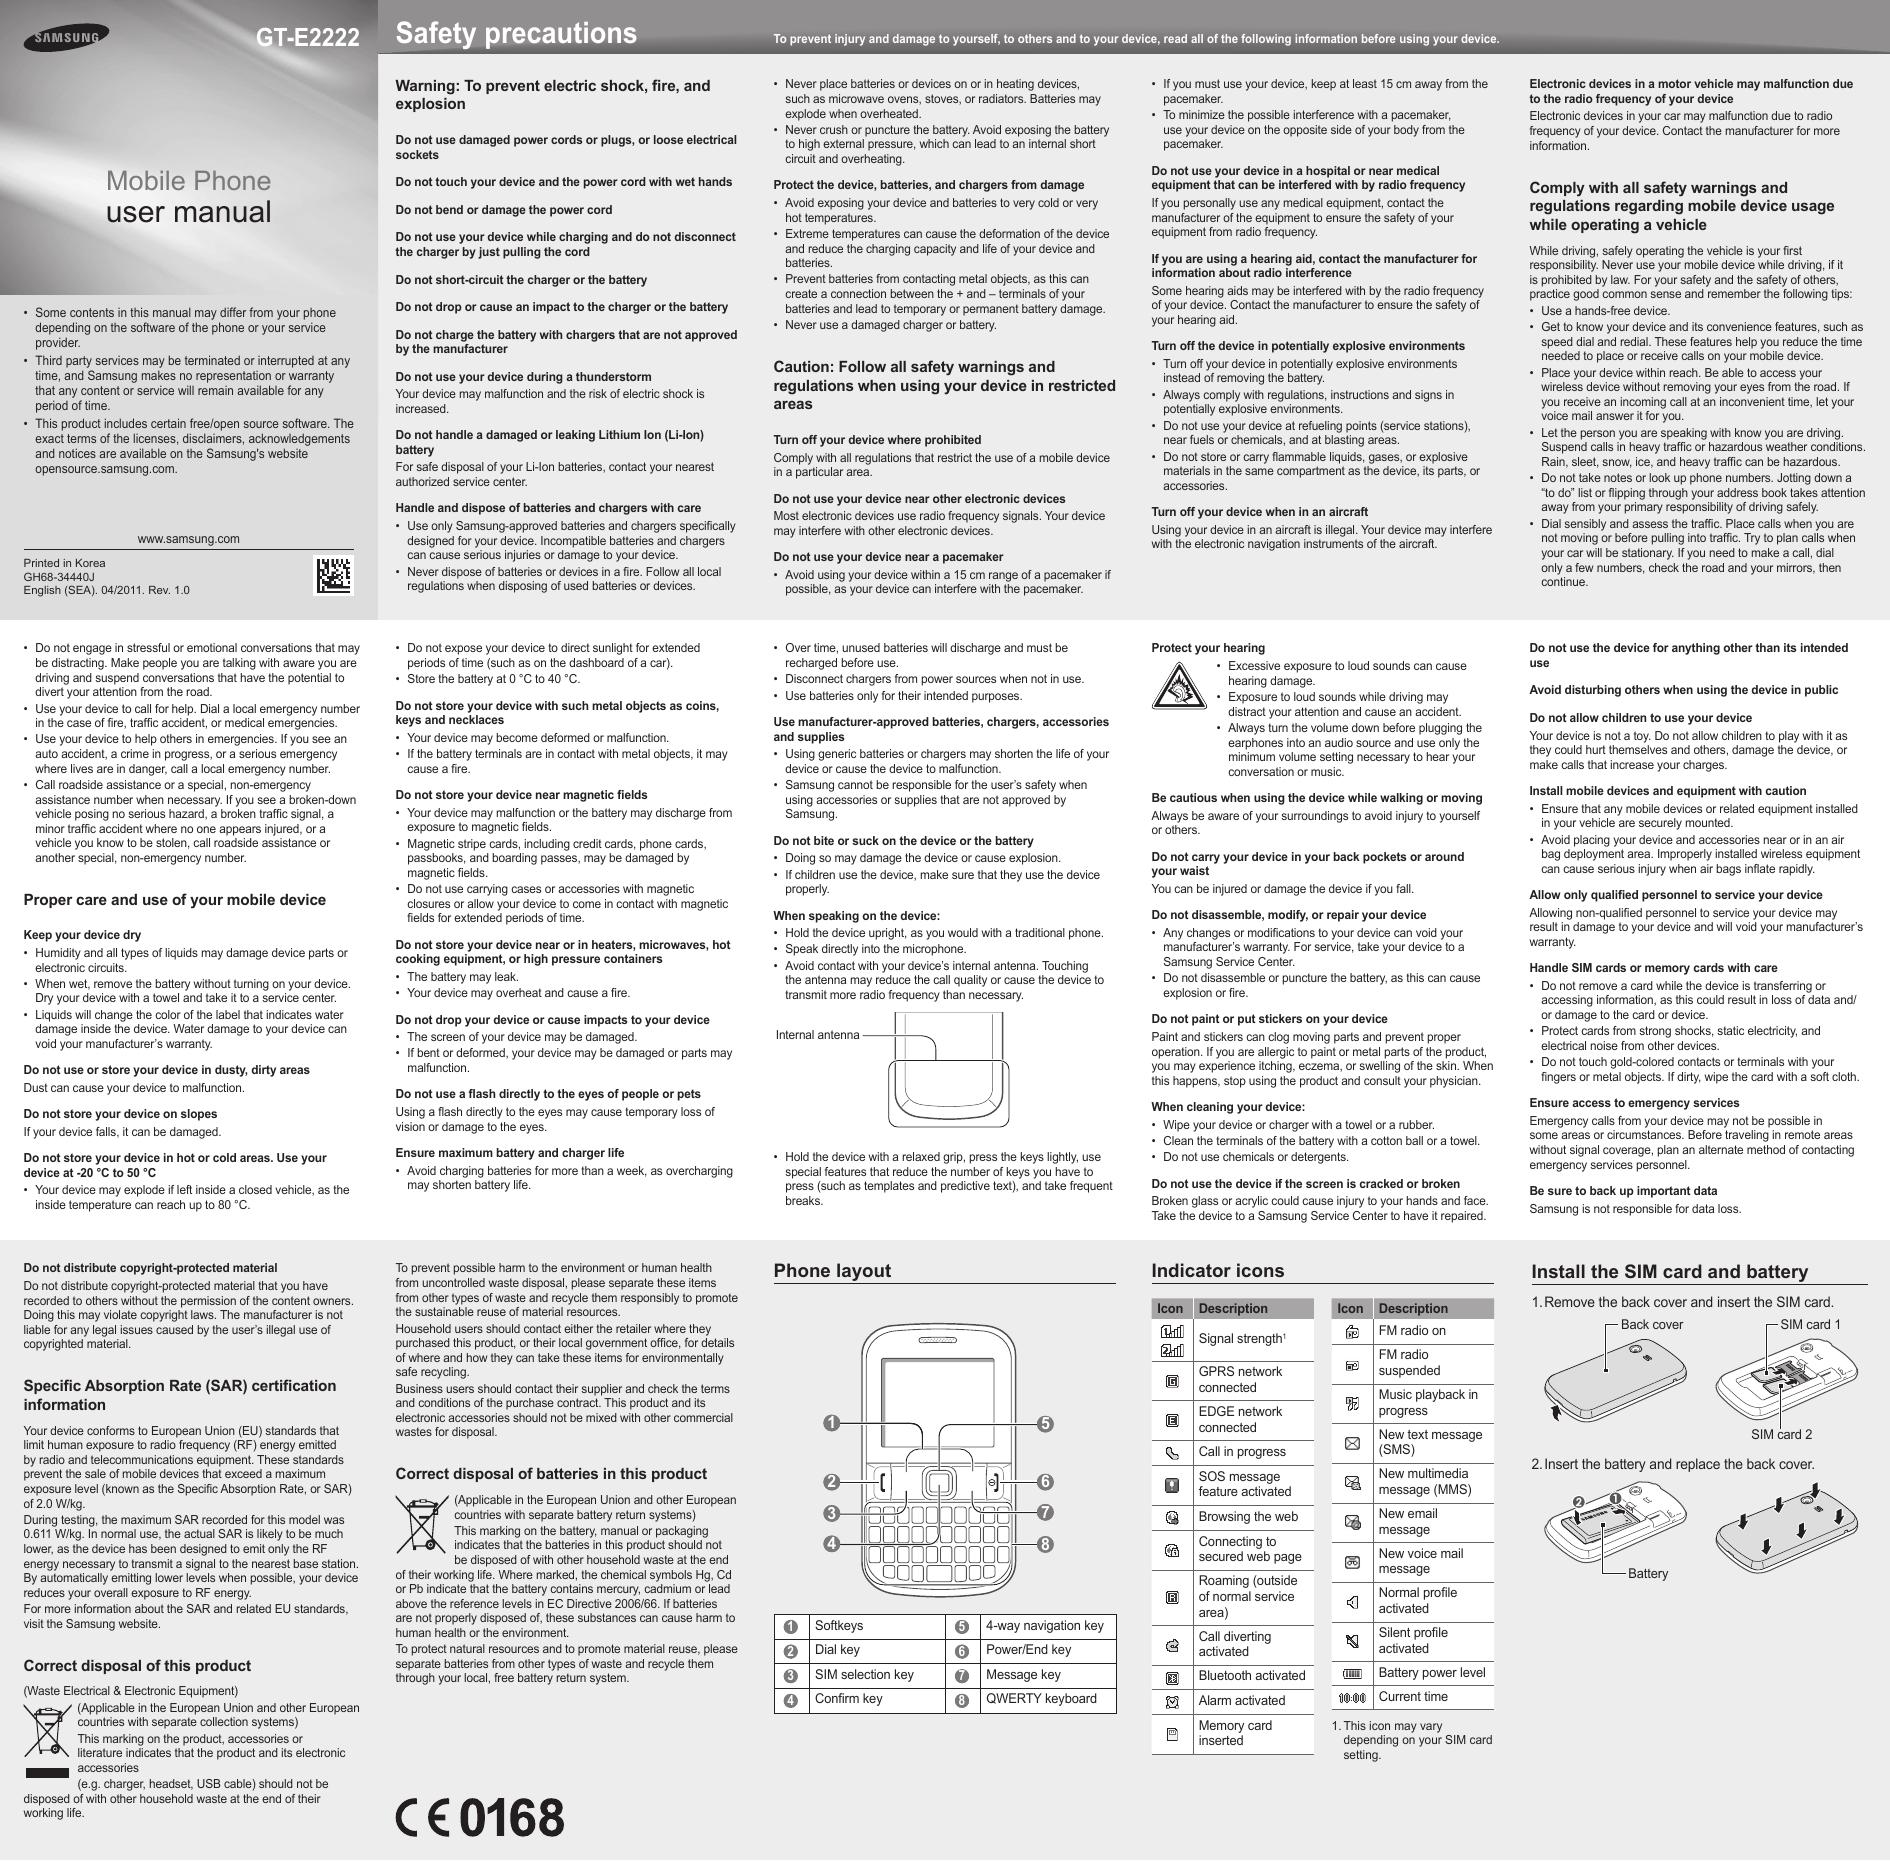 Samsung GT-E2222 User Manual   manualzz com